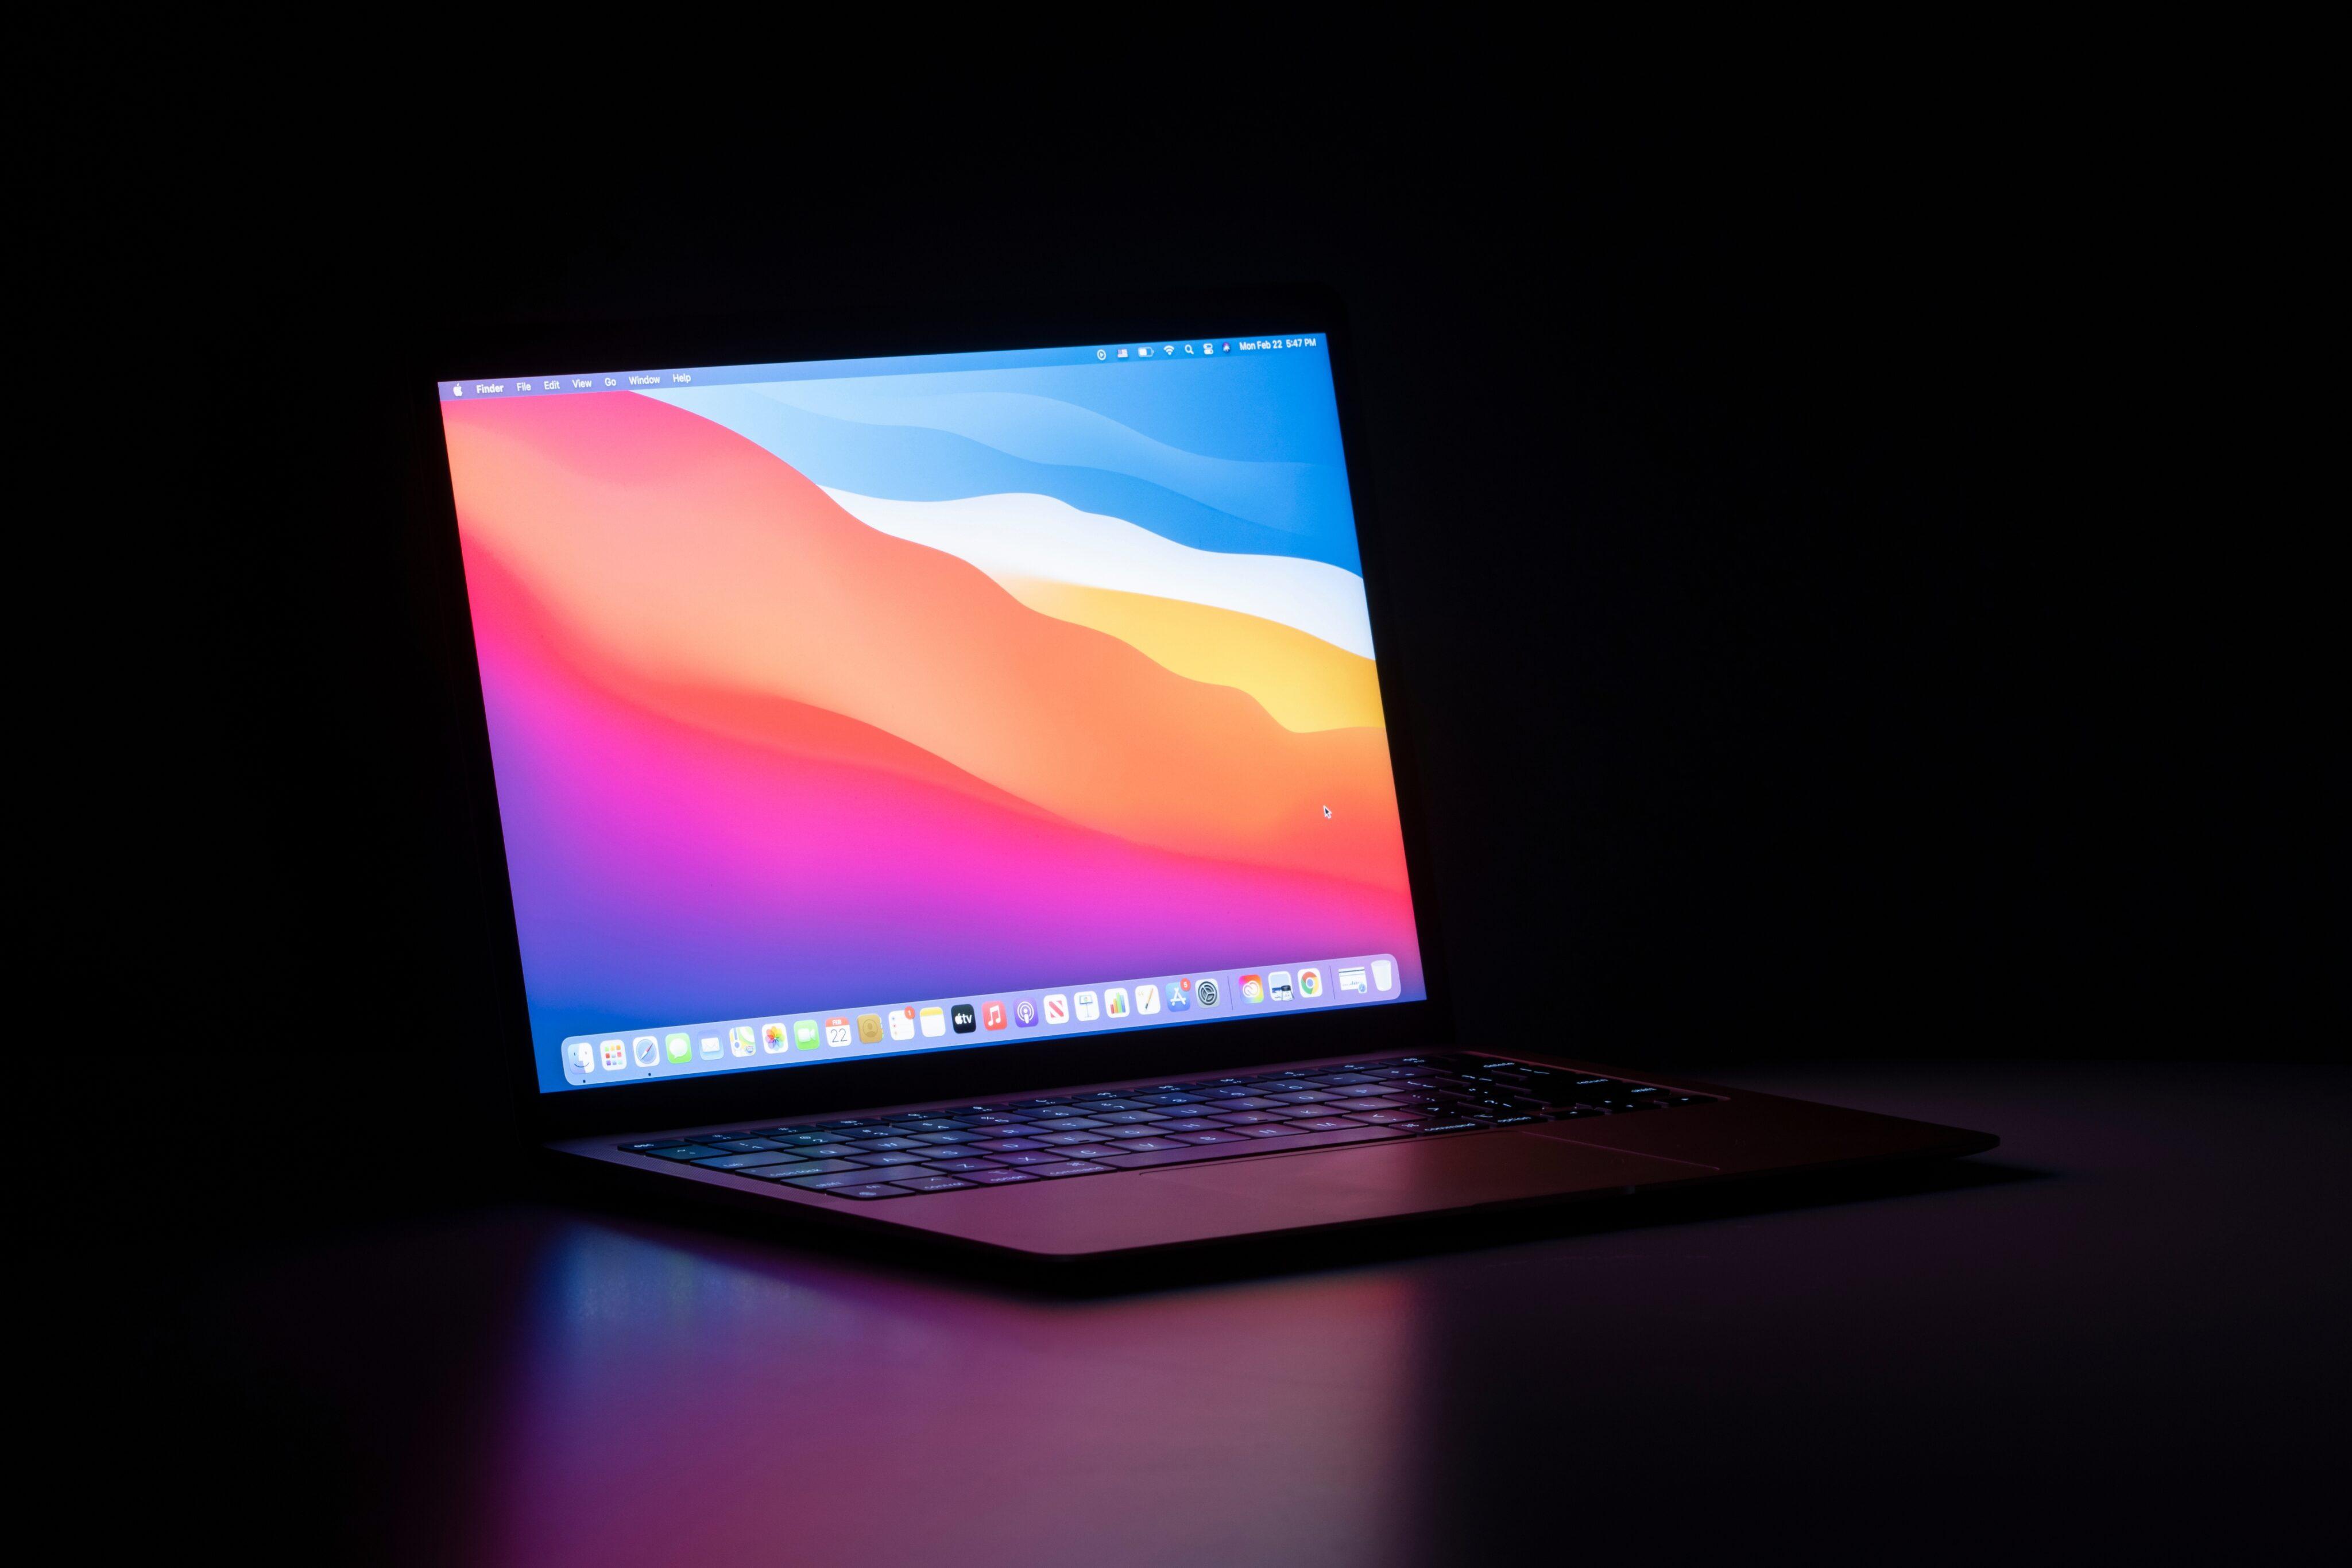 MacBook Air M1 rodando o macOS Big Sur